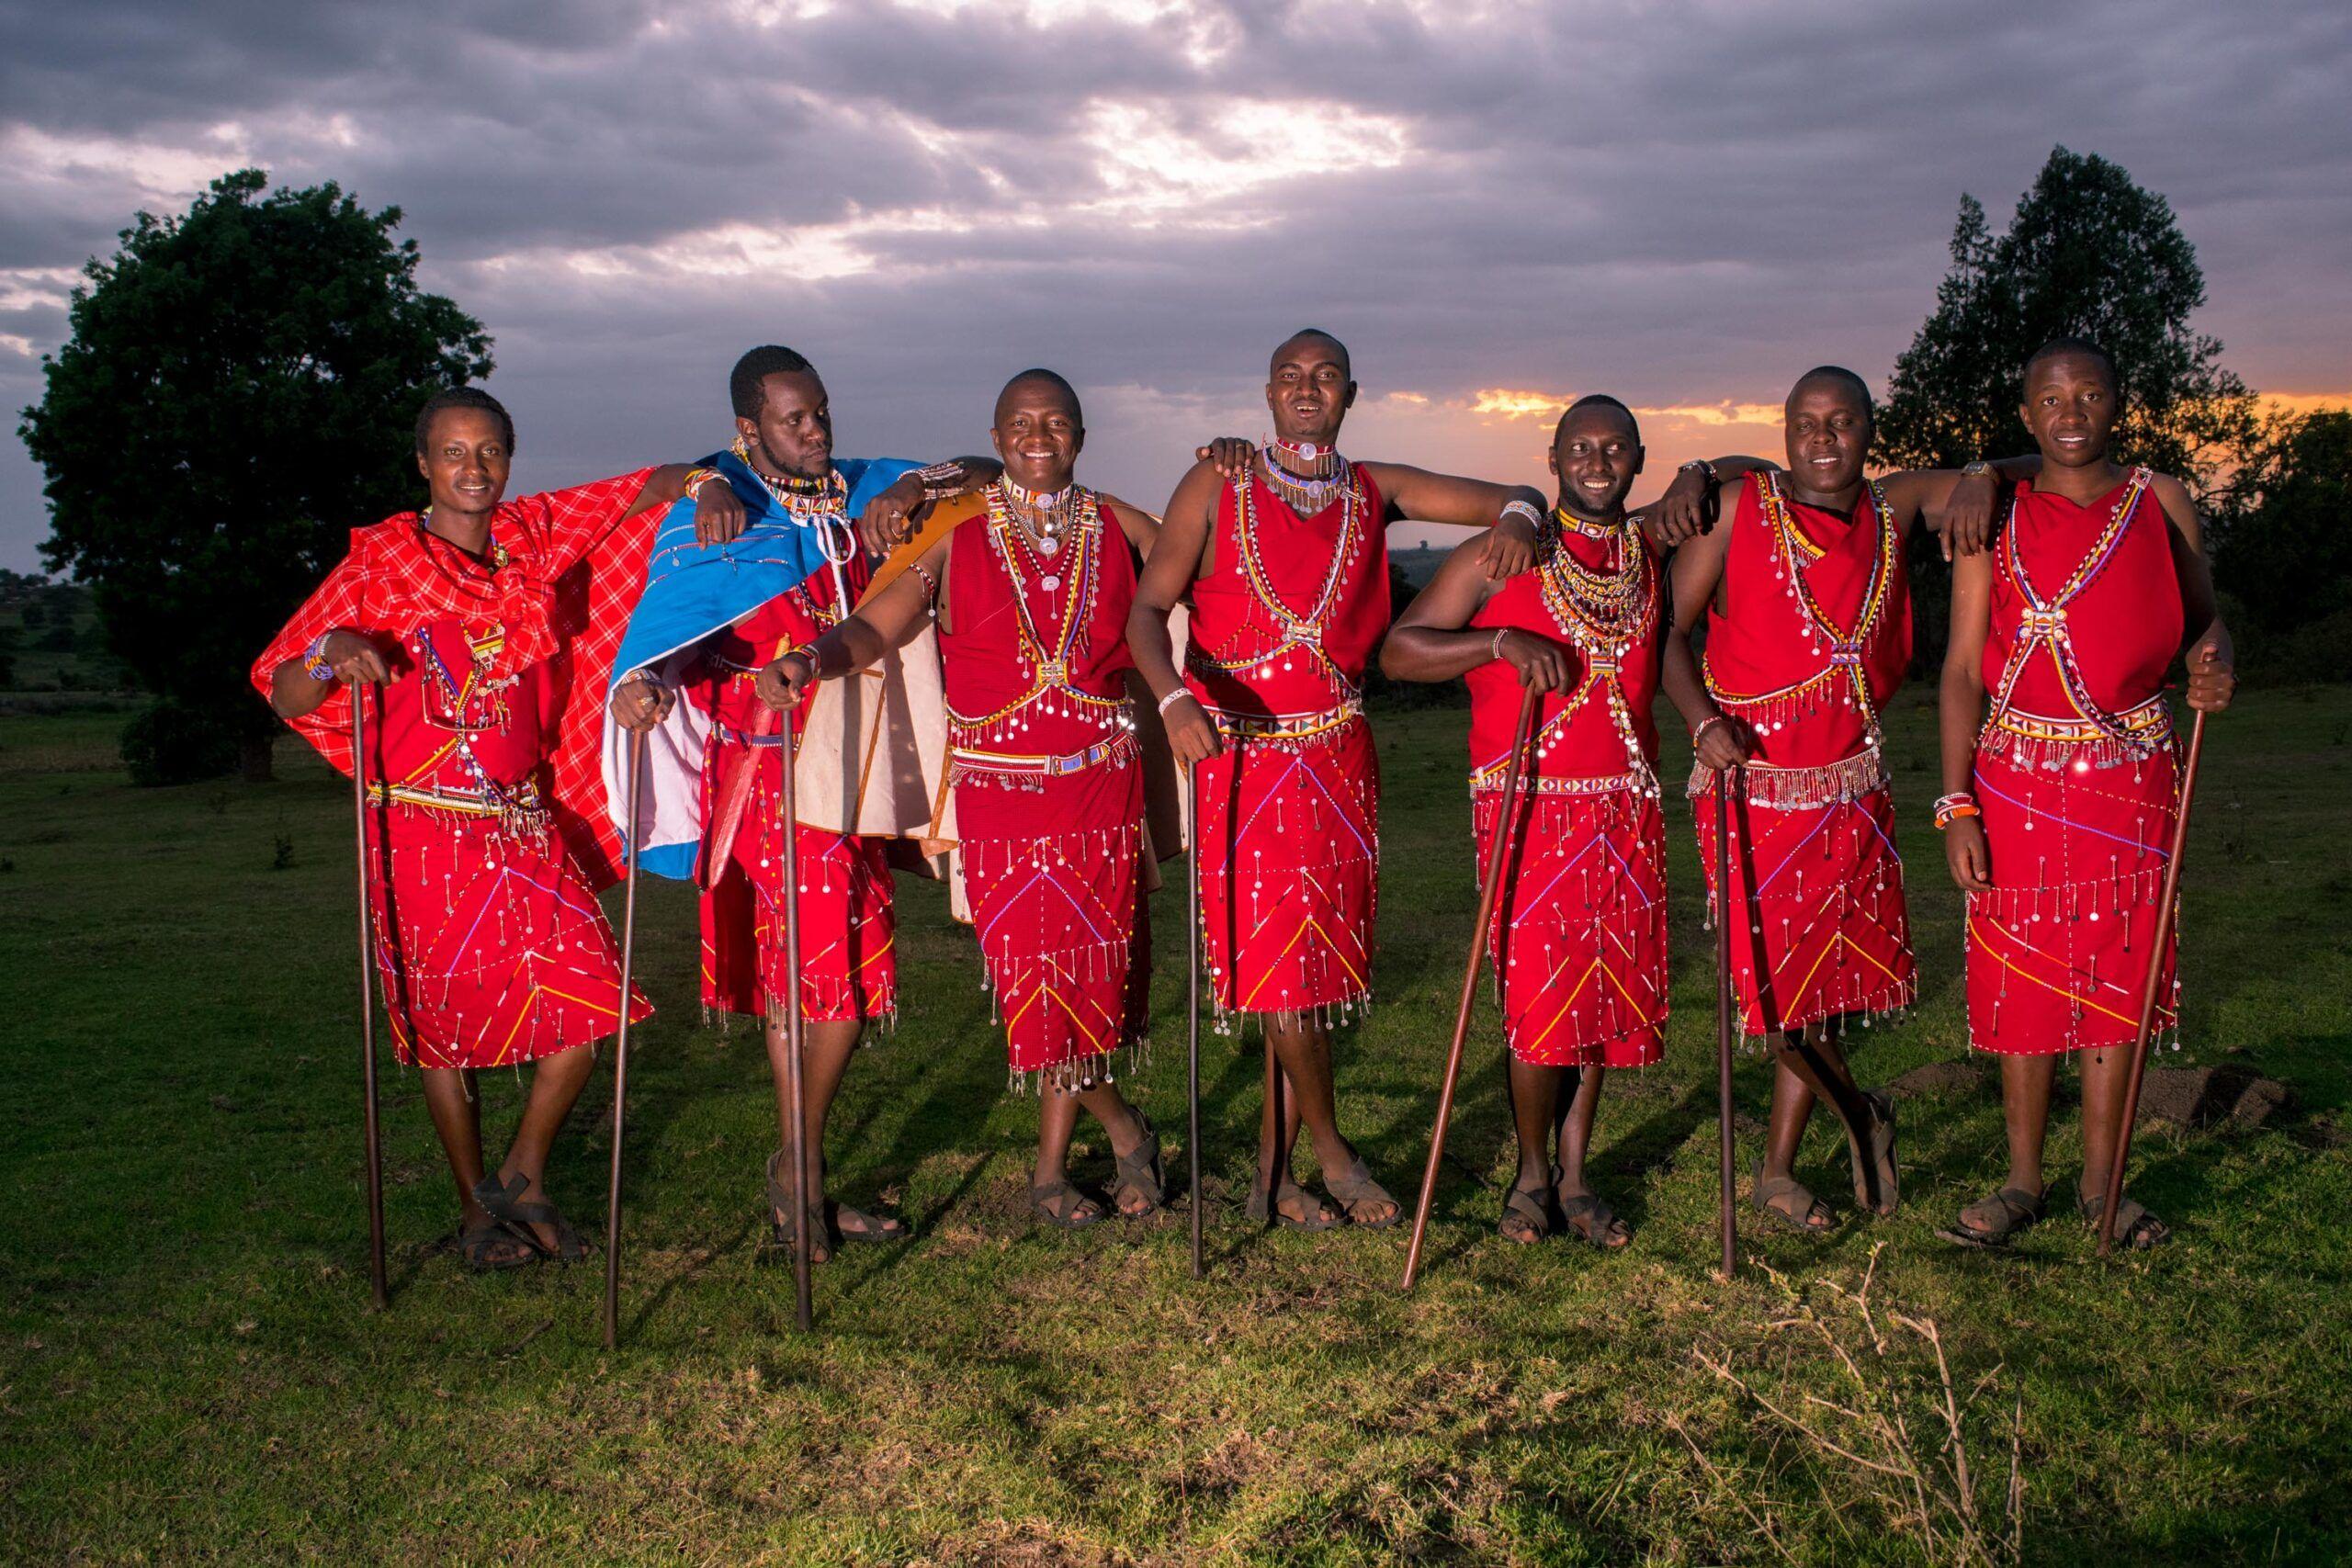 Groomsmen Pose At A Maasai Wedding